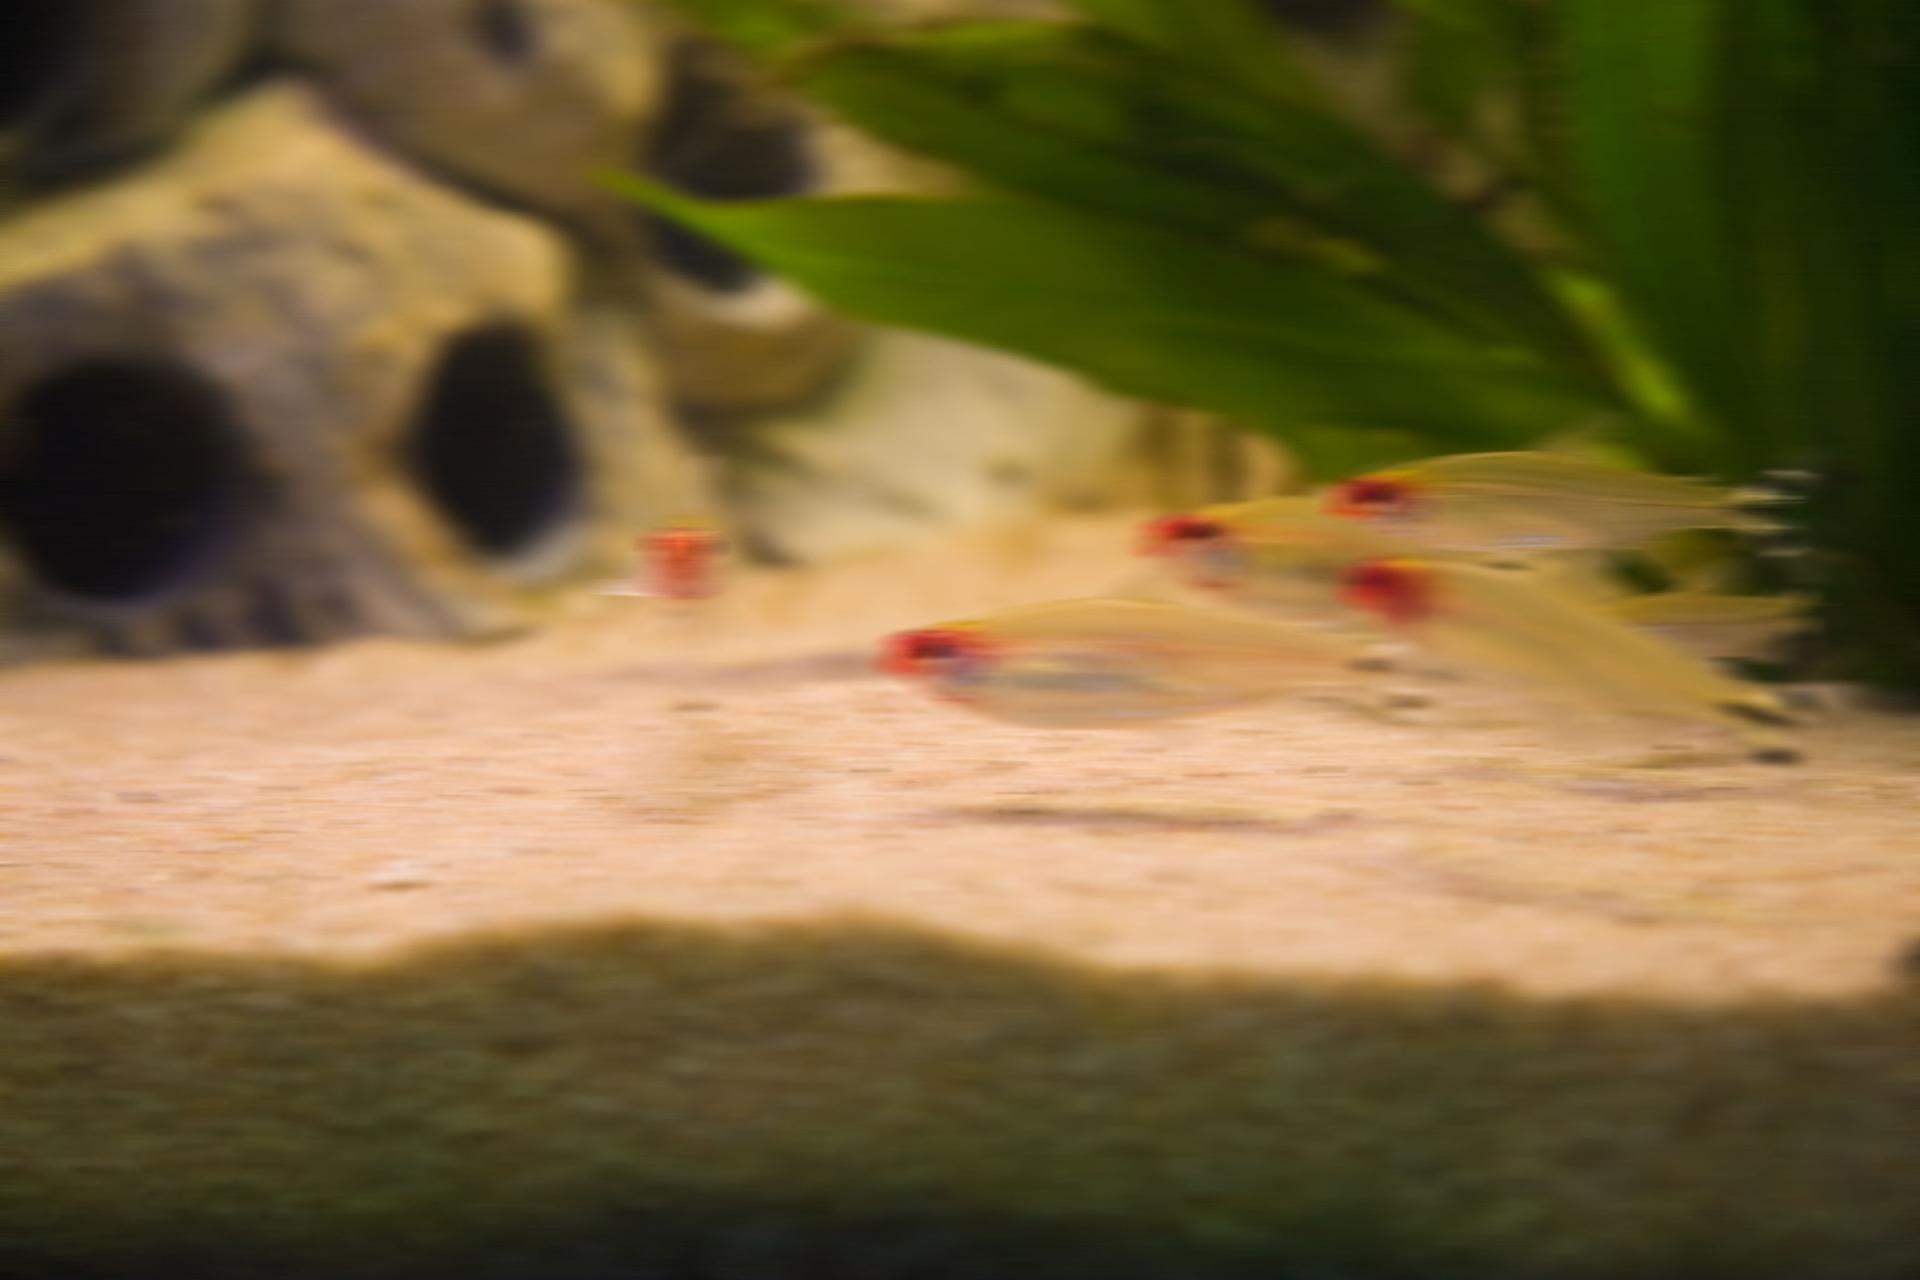 Aquarium fotografie voorbeeld foto: Bewegingsonscherpte veroorzaakt door de het bewegen van camera.